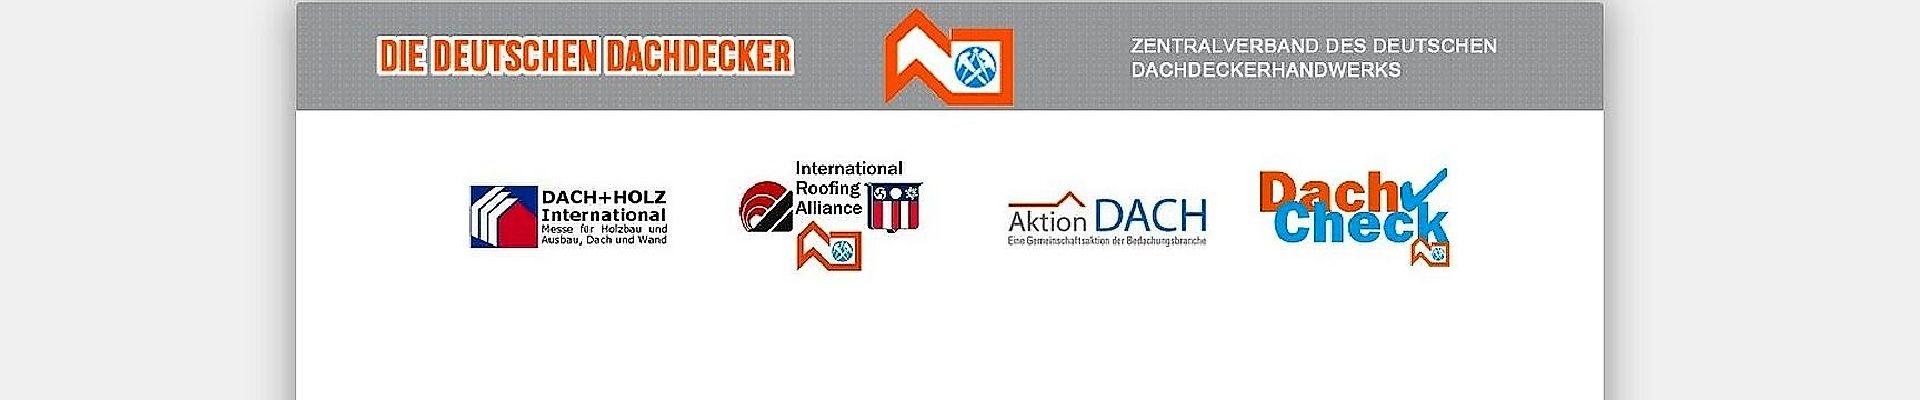 ZVDH Zentralverband des Deutschen Dachdeckerhandwerks e. V.